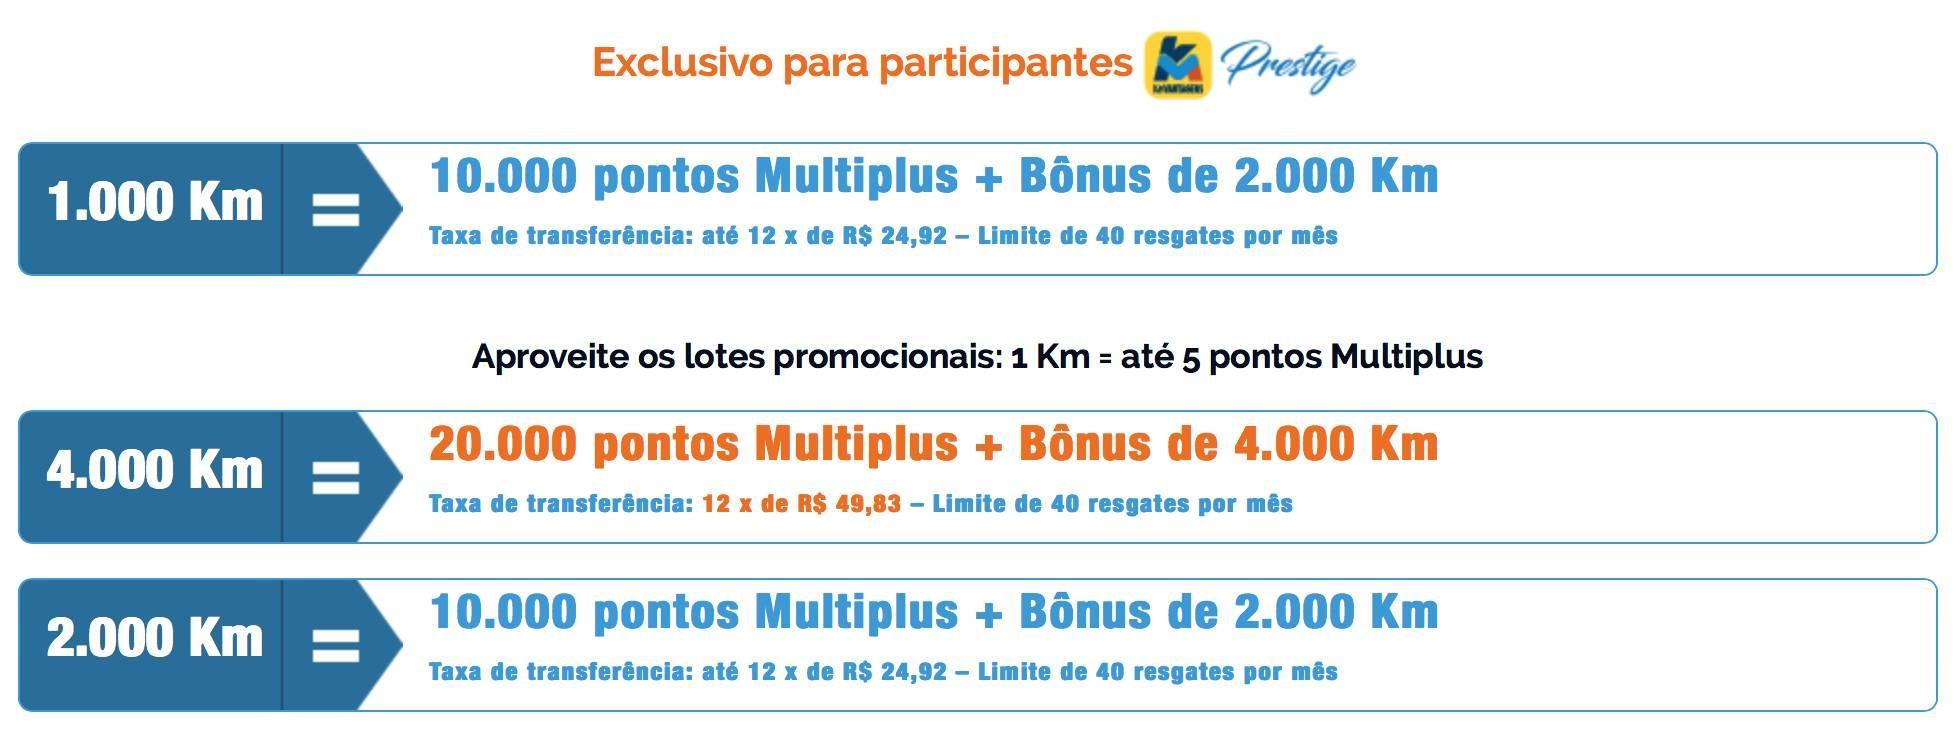 KM de Vantagens vai aumentar a taxa de transferência para a Multiplus